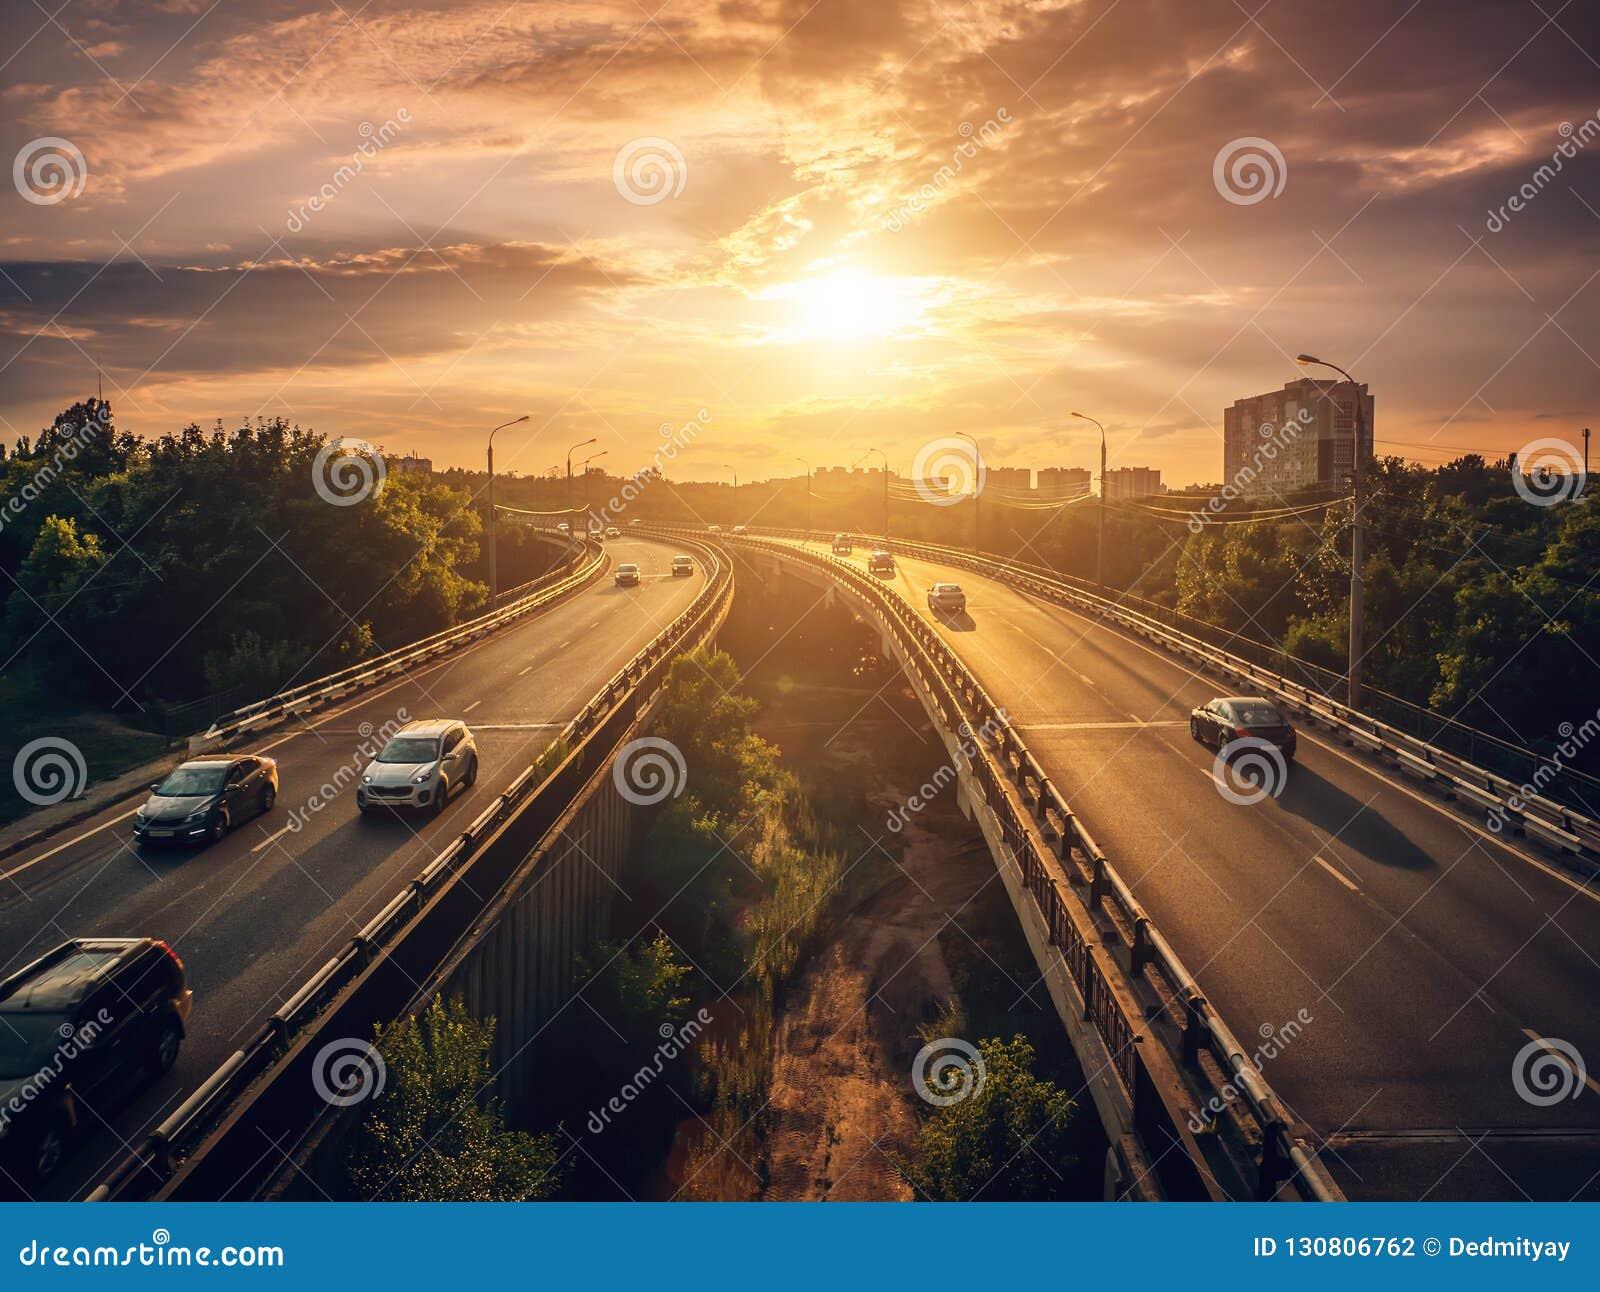 Bilar för stads- trafik kör på solnedgången på huvudvägen i cityscapesommarplatsen, stadstrans.begrepp